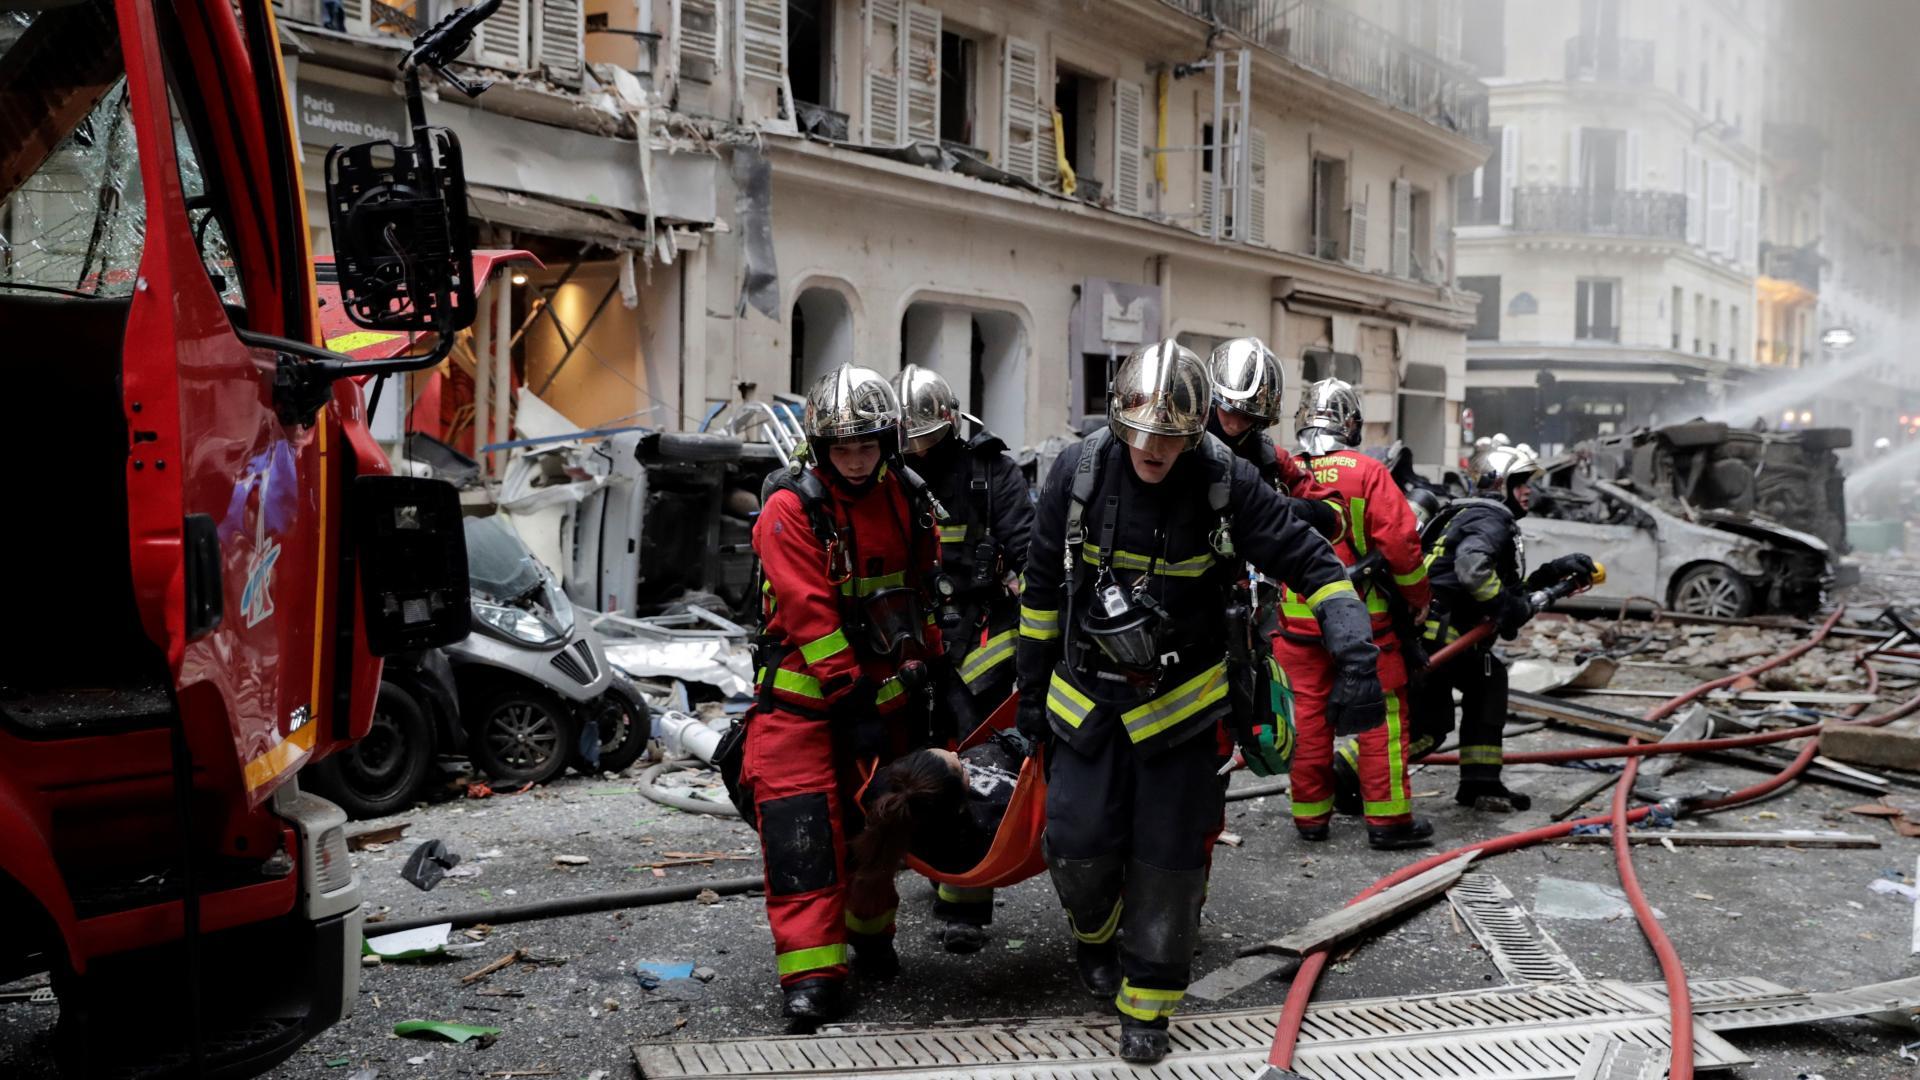 الشرطة الفرنسية: مقتل 2 إثر انفجار في باريس بسبب تسرب غاز